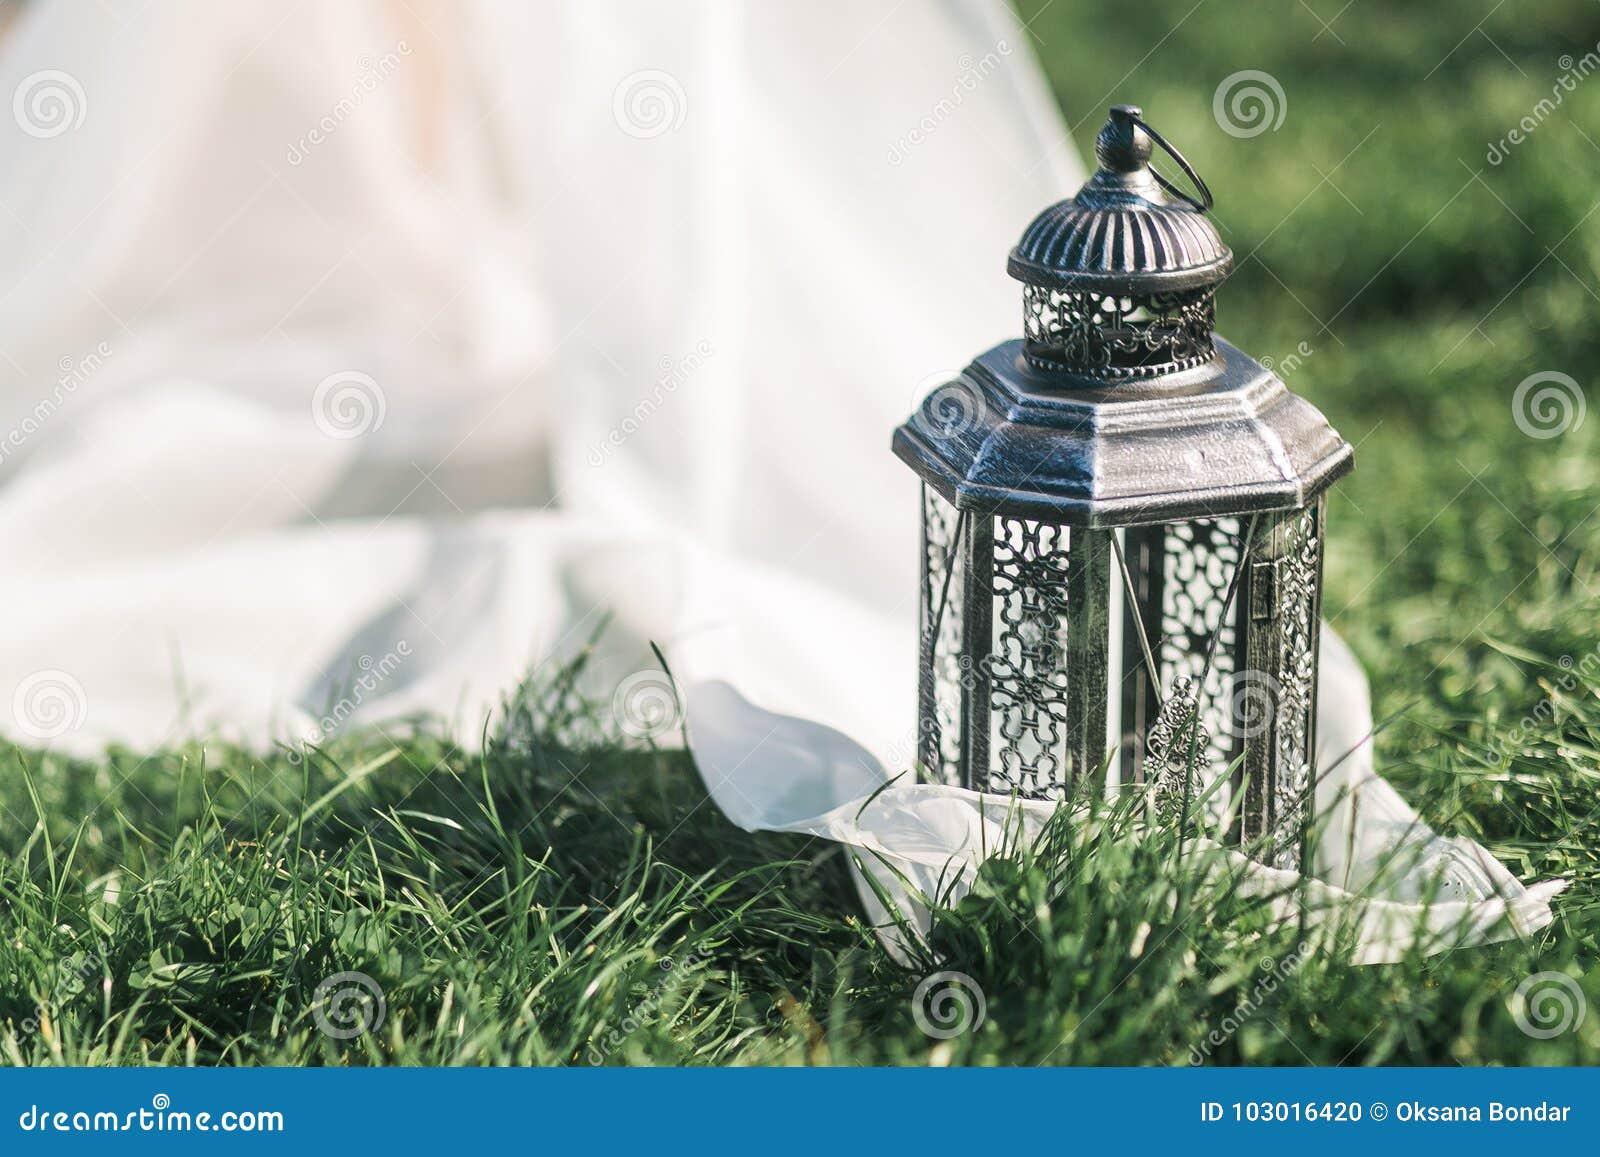 Todavía casarse la linterna negra de la vida en hierba y el tule blanco en estilo rústico